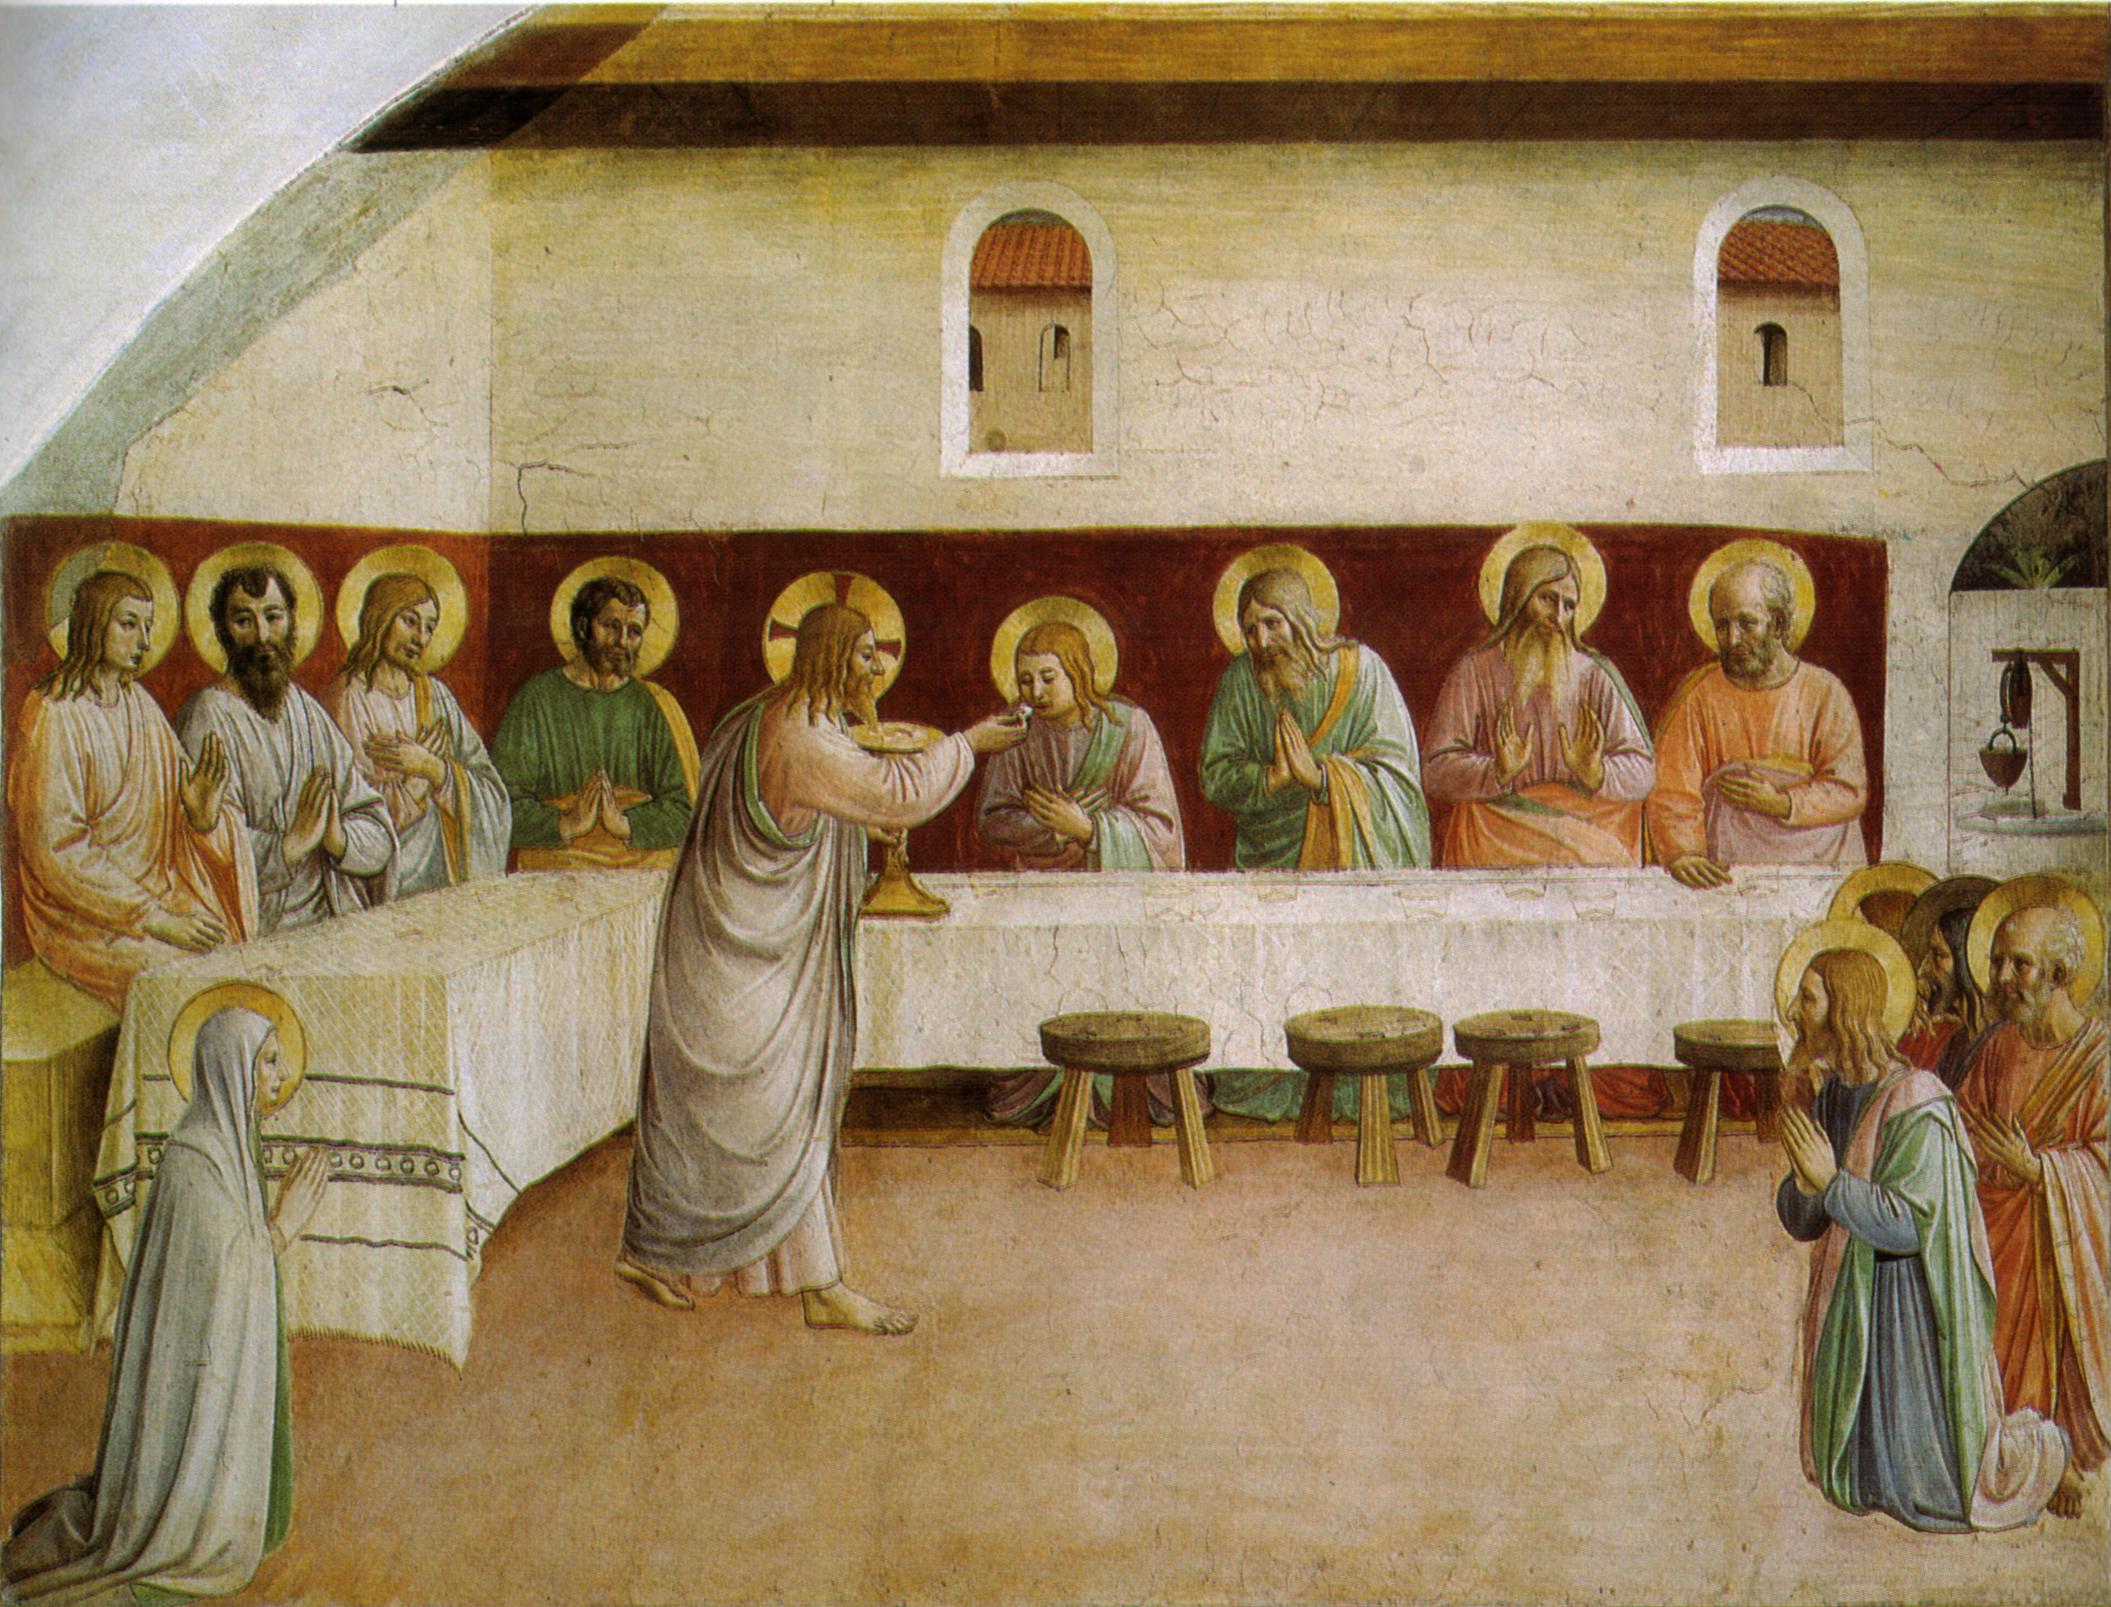 Ciò che accadde all'Ultima Cena fa chiarezza: si può accedere all'Eucarestia solo se purificati